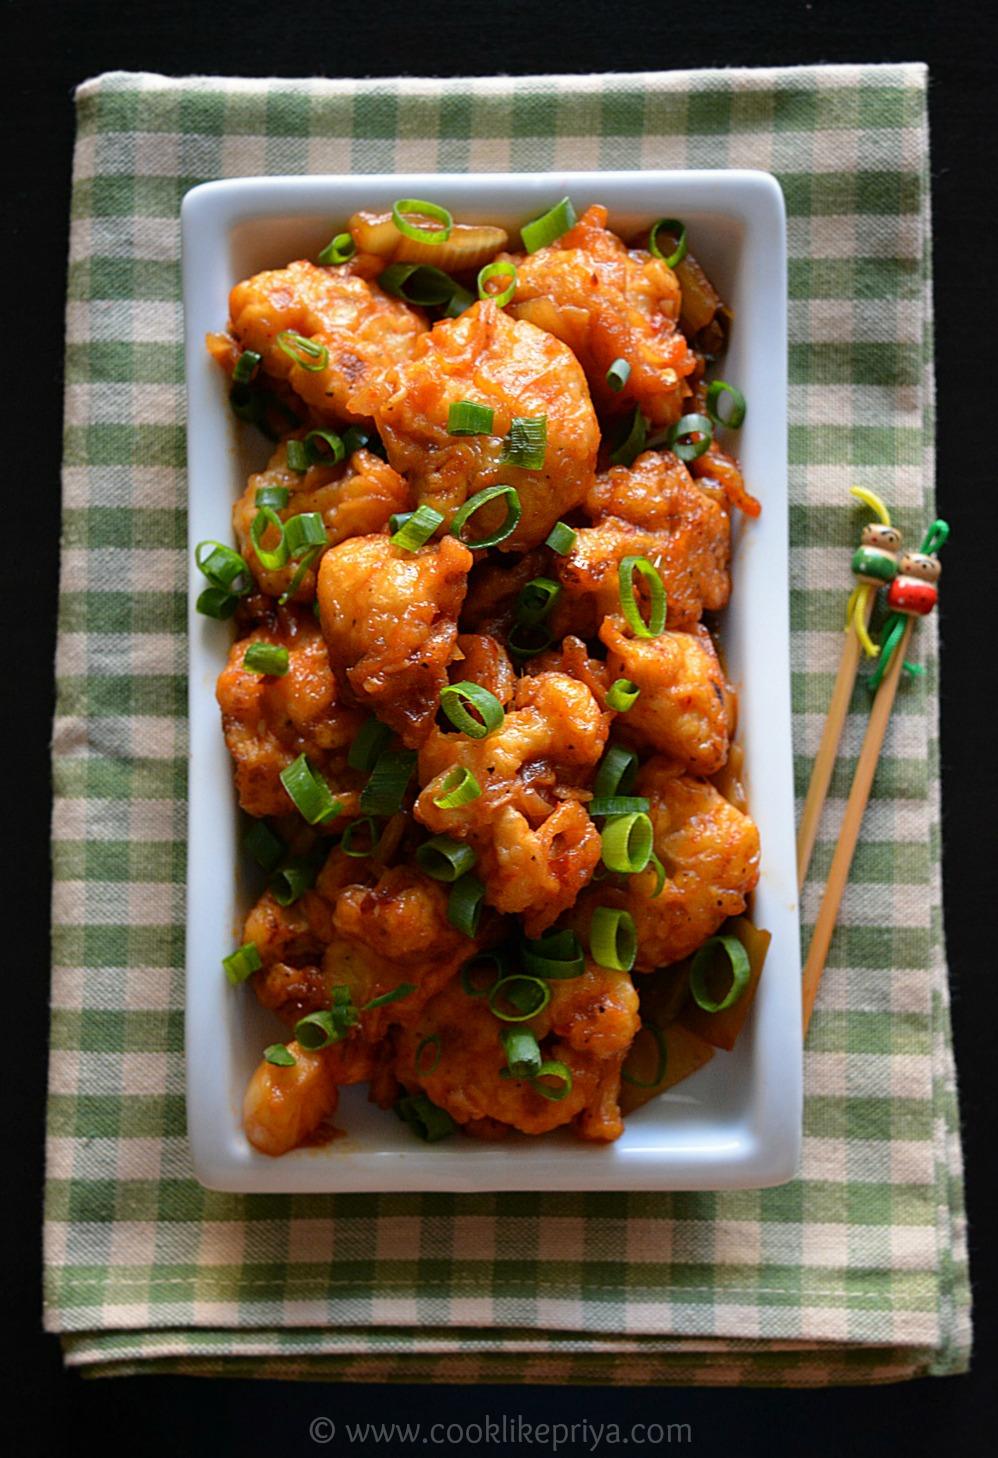 Restaurant Style Gobi/ Cauliflower Manchurian